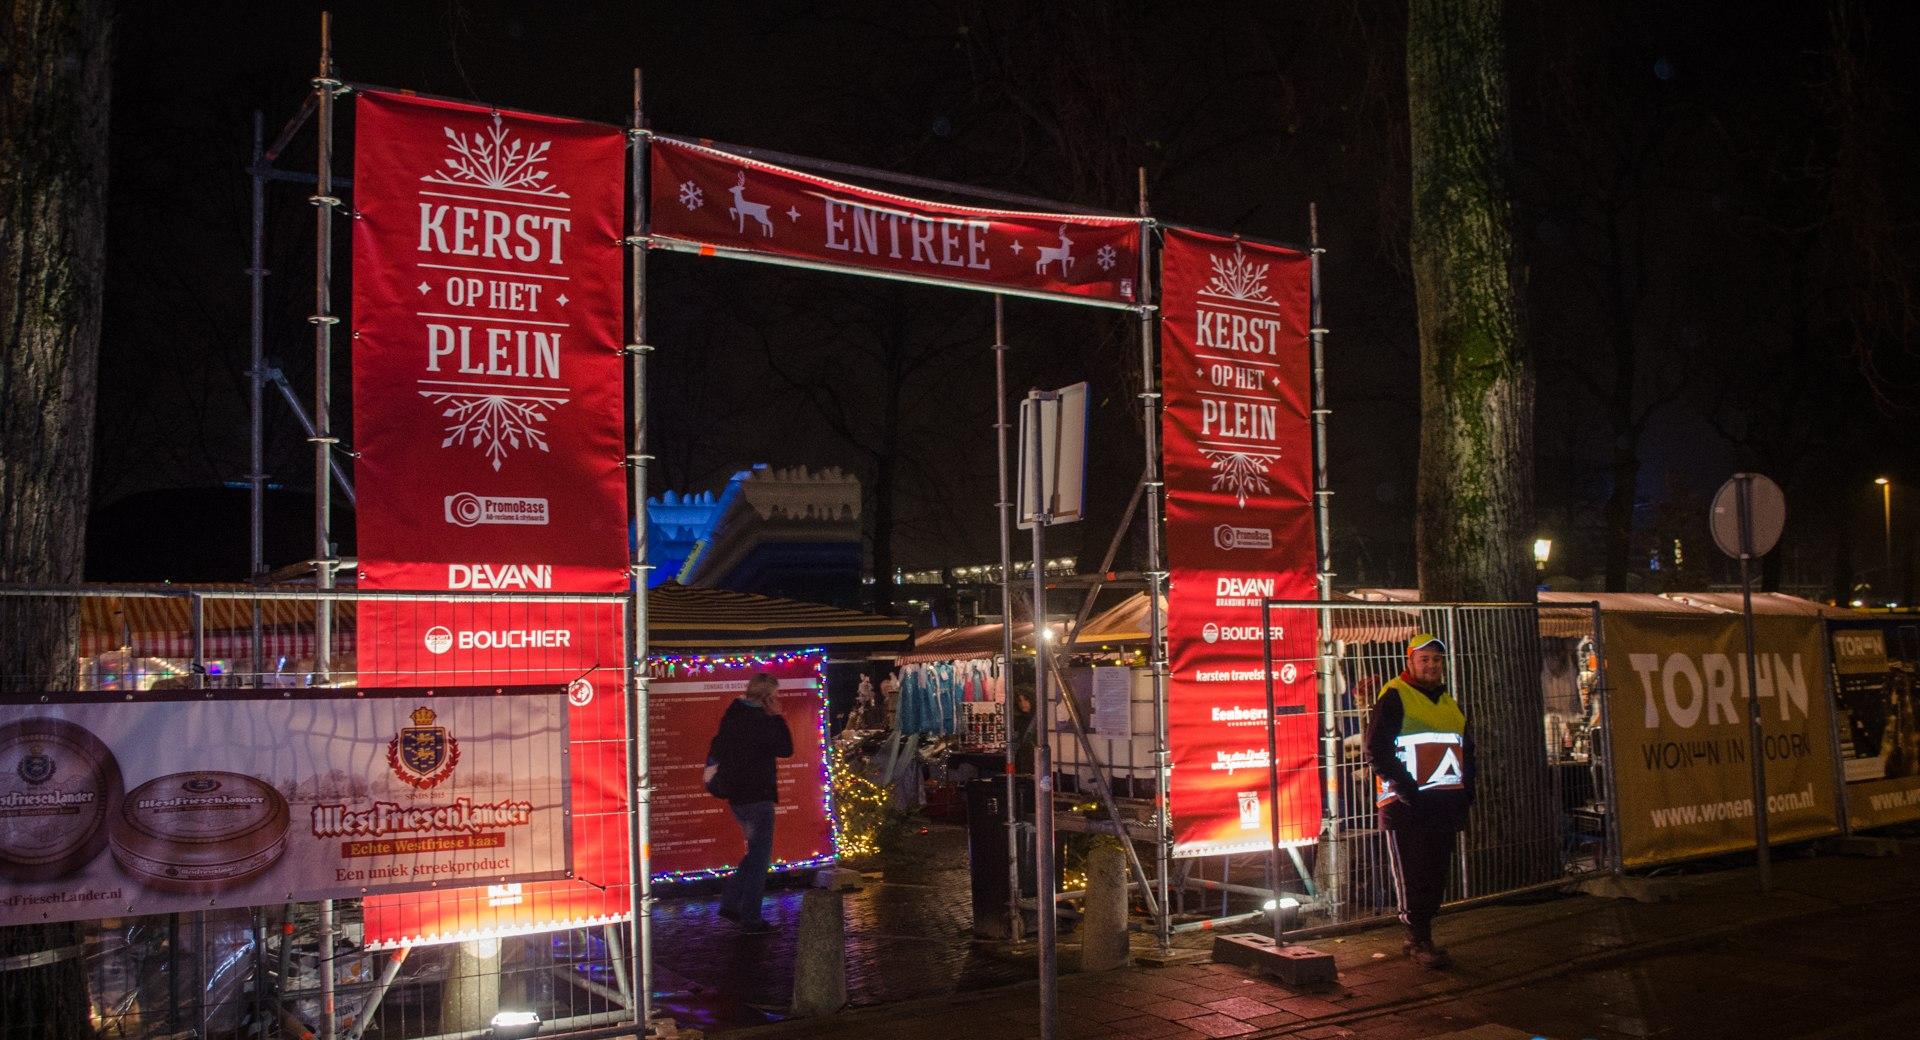 Kerst op het Plein in Hoorn; Vrijmibo, kerstmarkt en Herrie Christmas